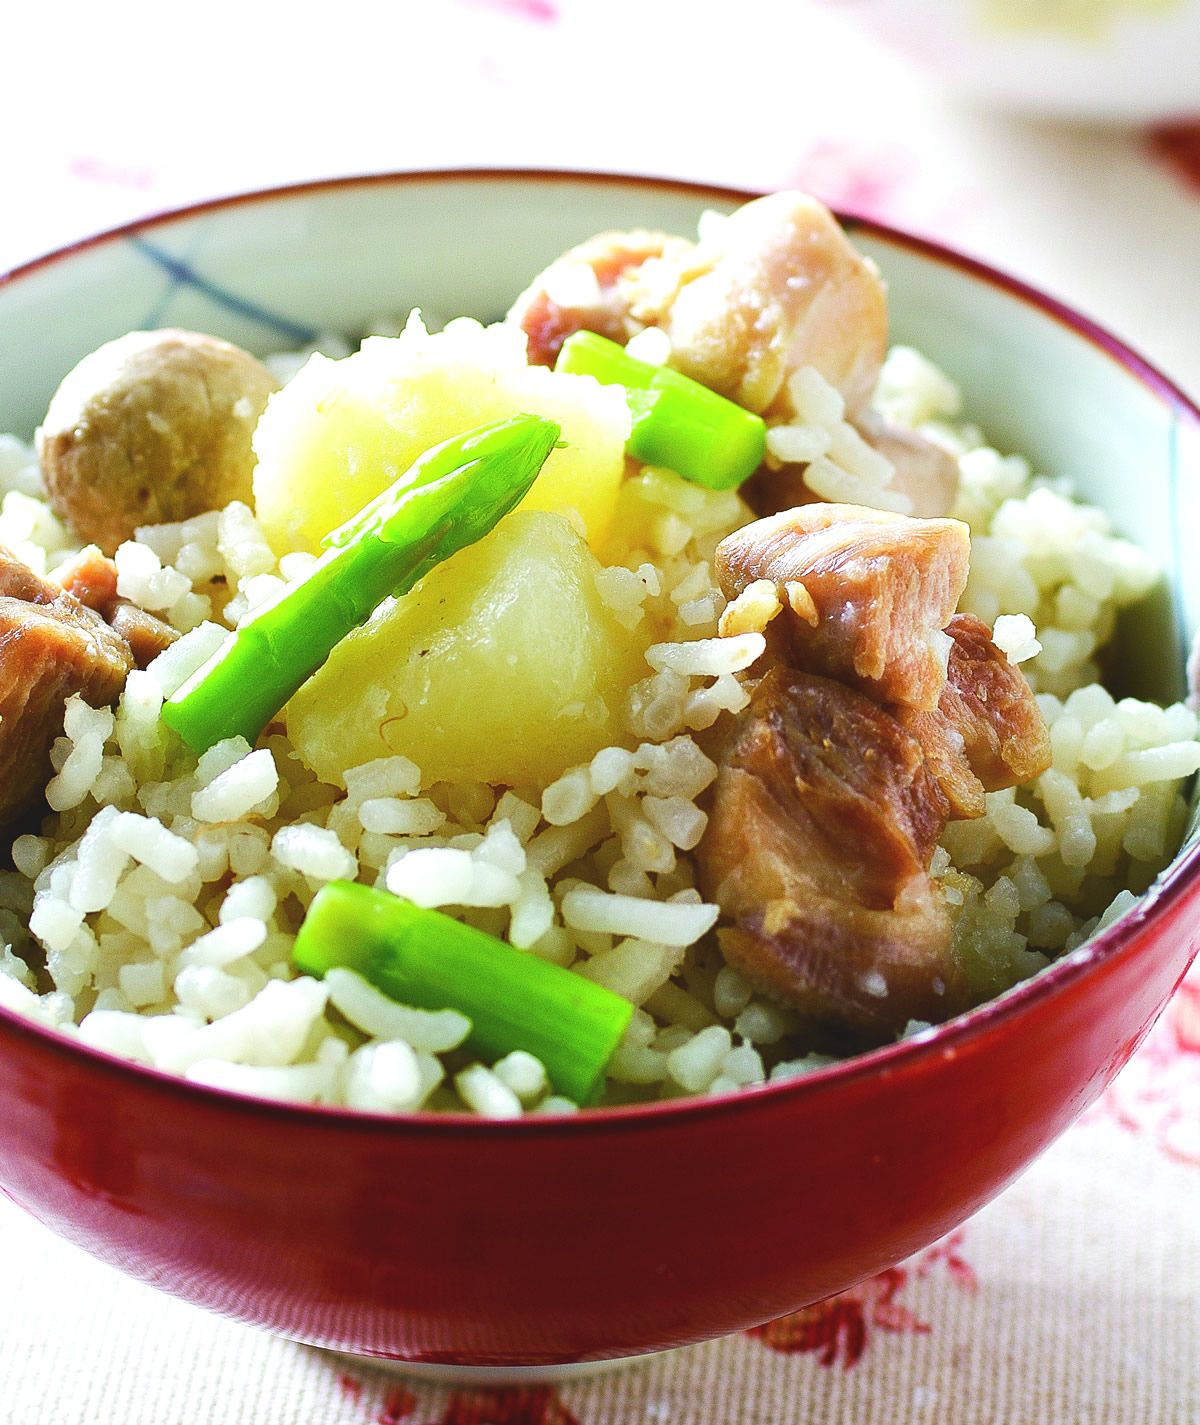 食譜:奶香雞粒炊飯